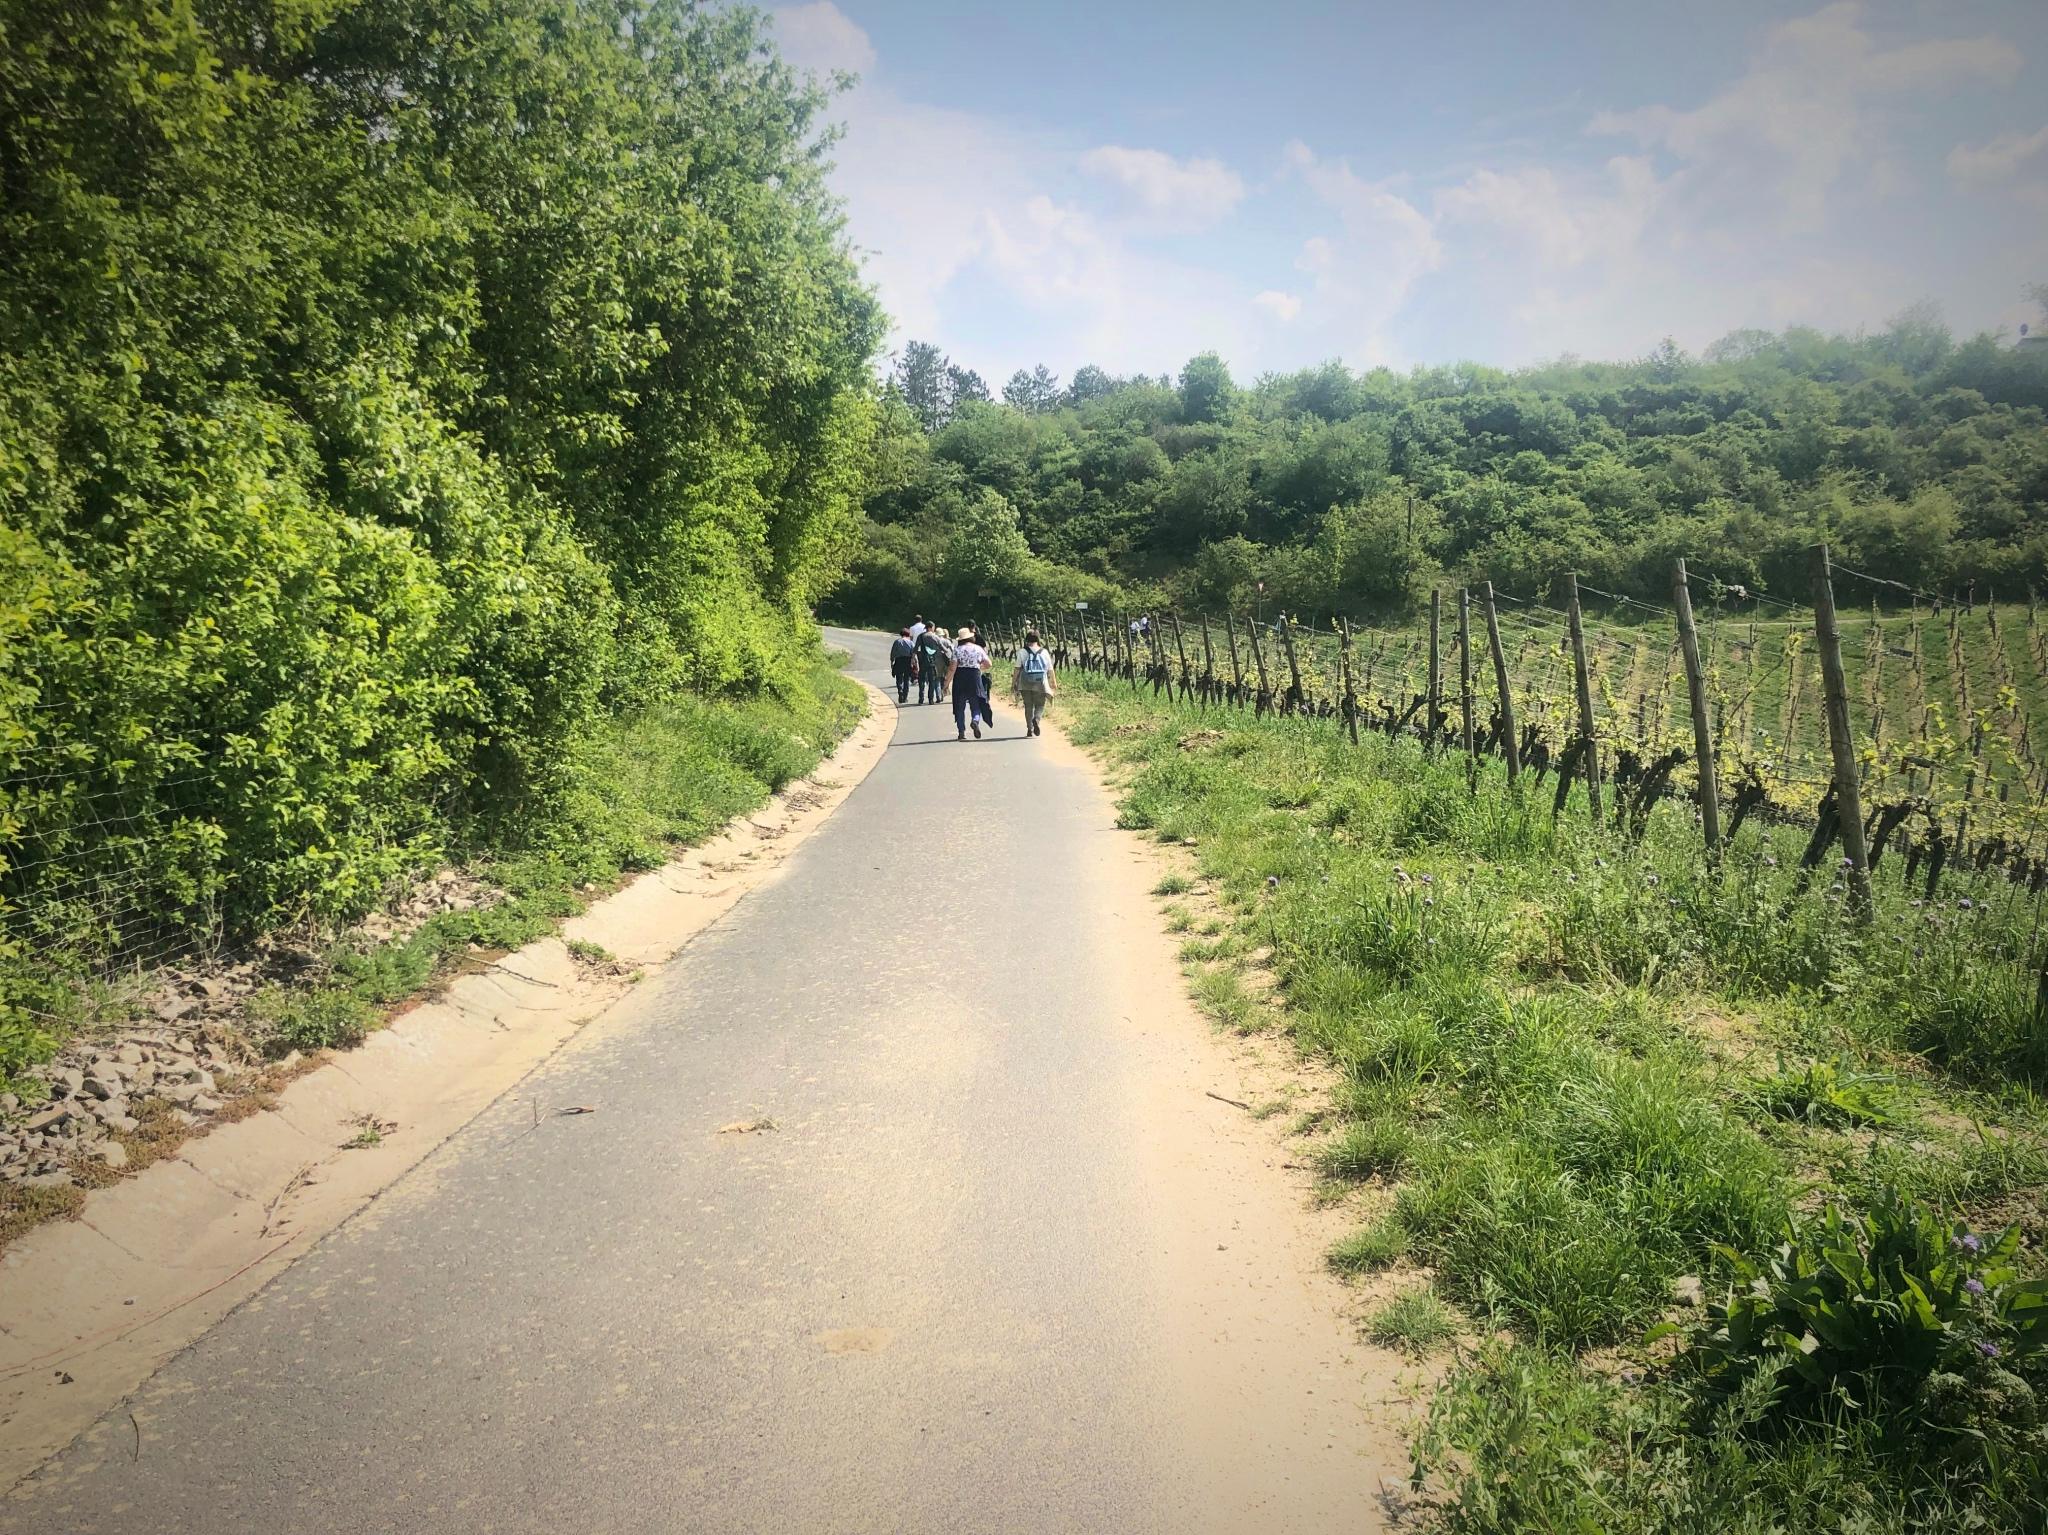 Wandern im Grünen. Foto: Melissa Schnabel